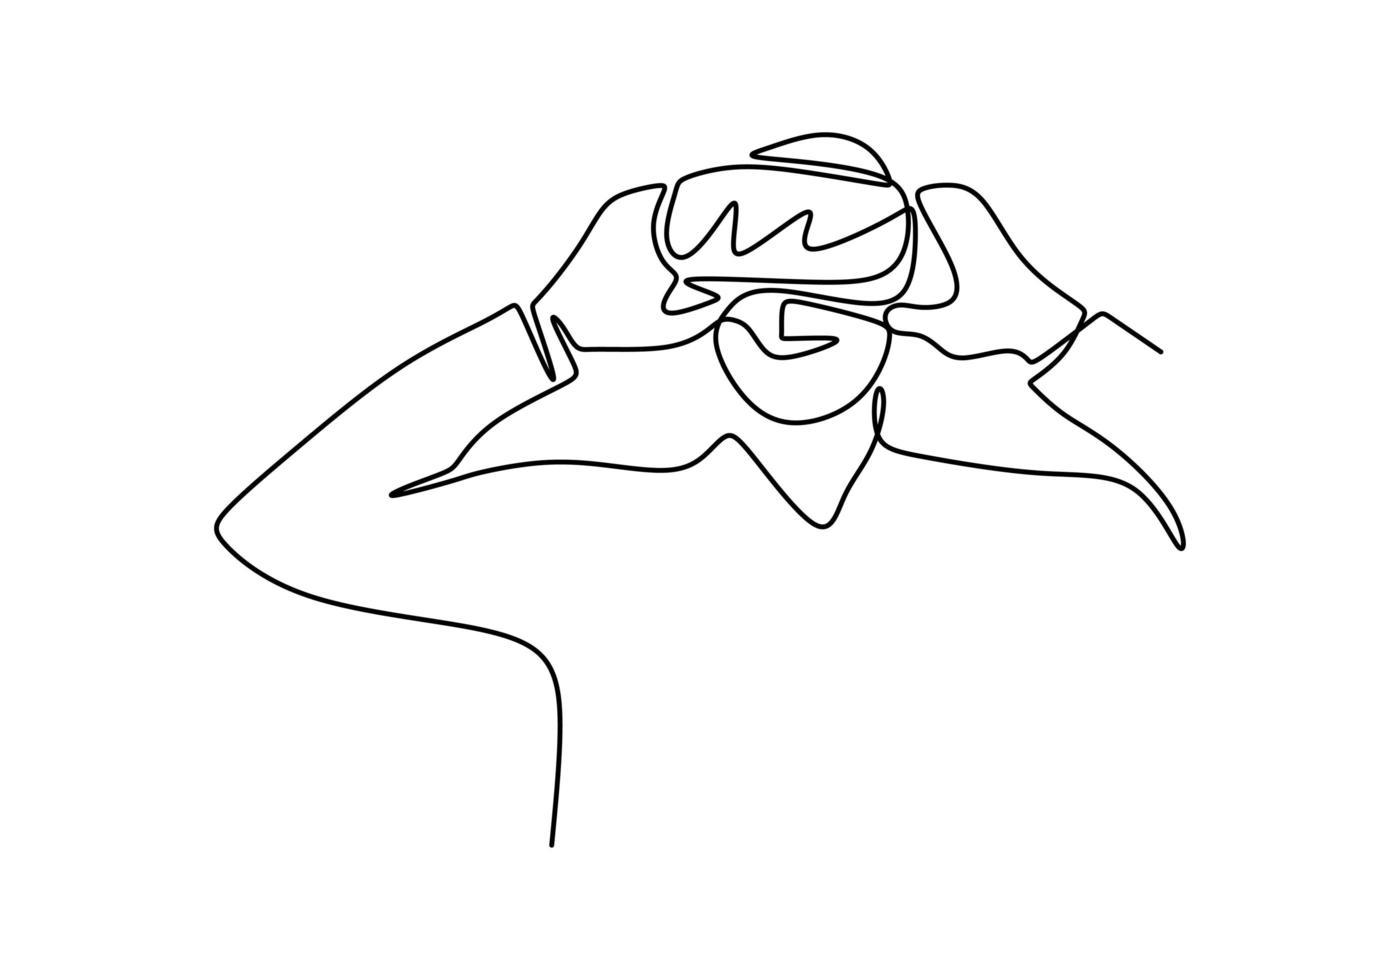 homem de desenho contínuo de uma linha em realidade virtual de dispositivo de óculos, simplicidade de ilustração vetorial. minimalismo desenhado à mão tecnologia futura eletrônica. vetor